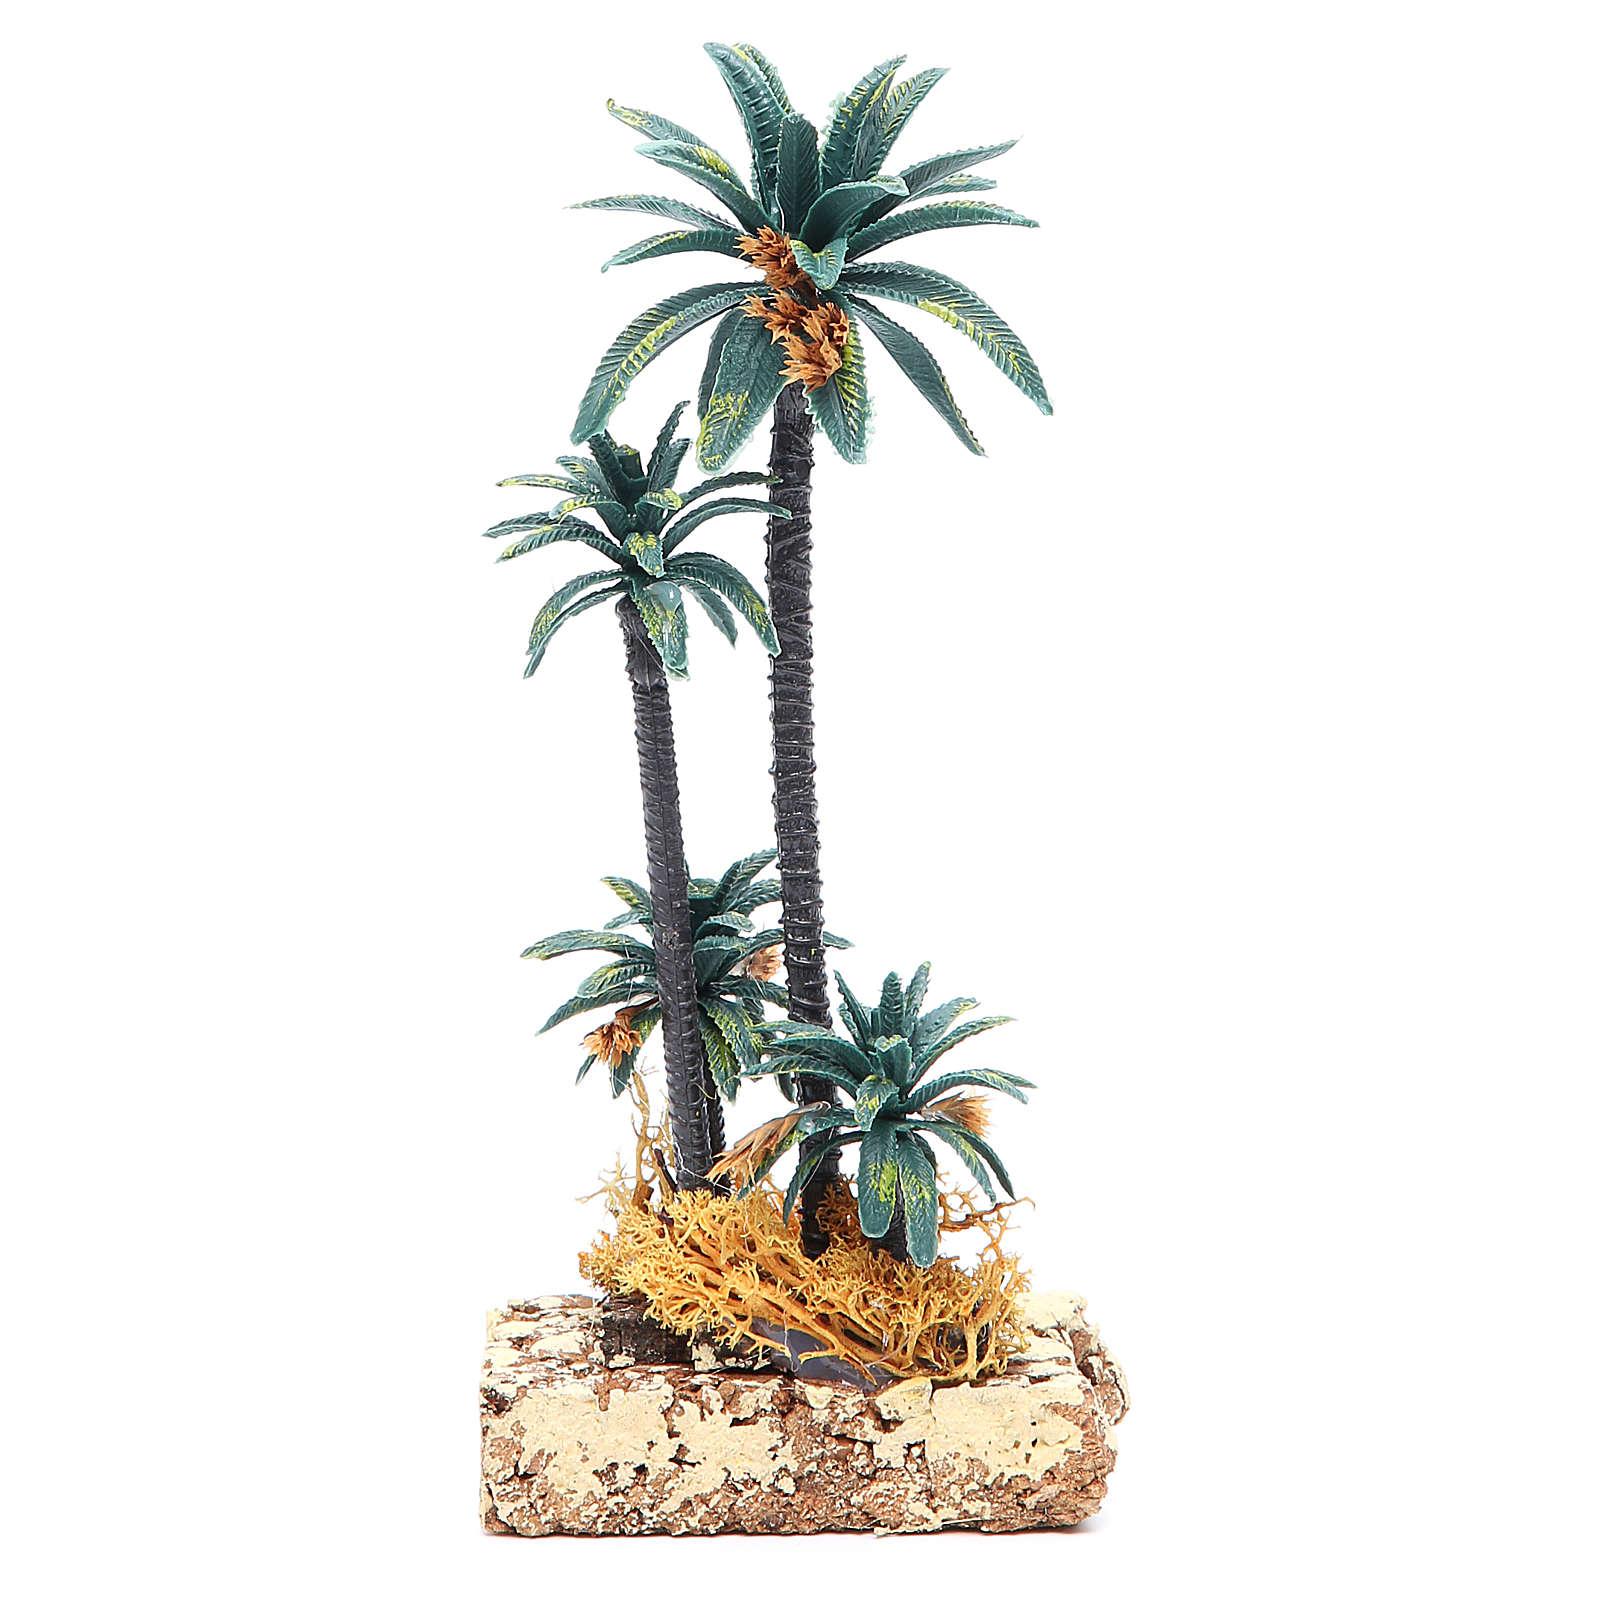 Group of palms for nativity scene in PVC, 20cm 4